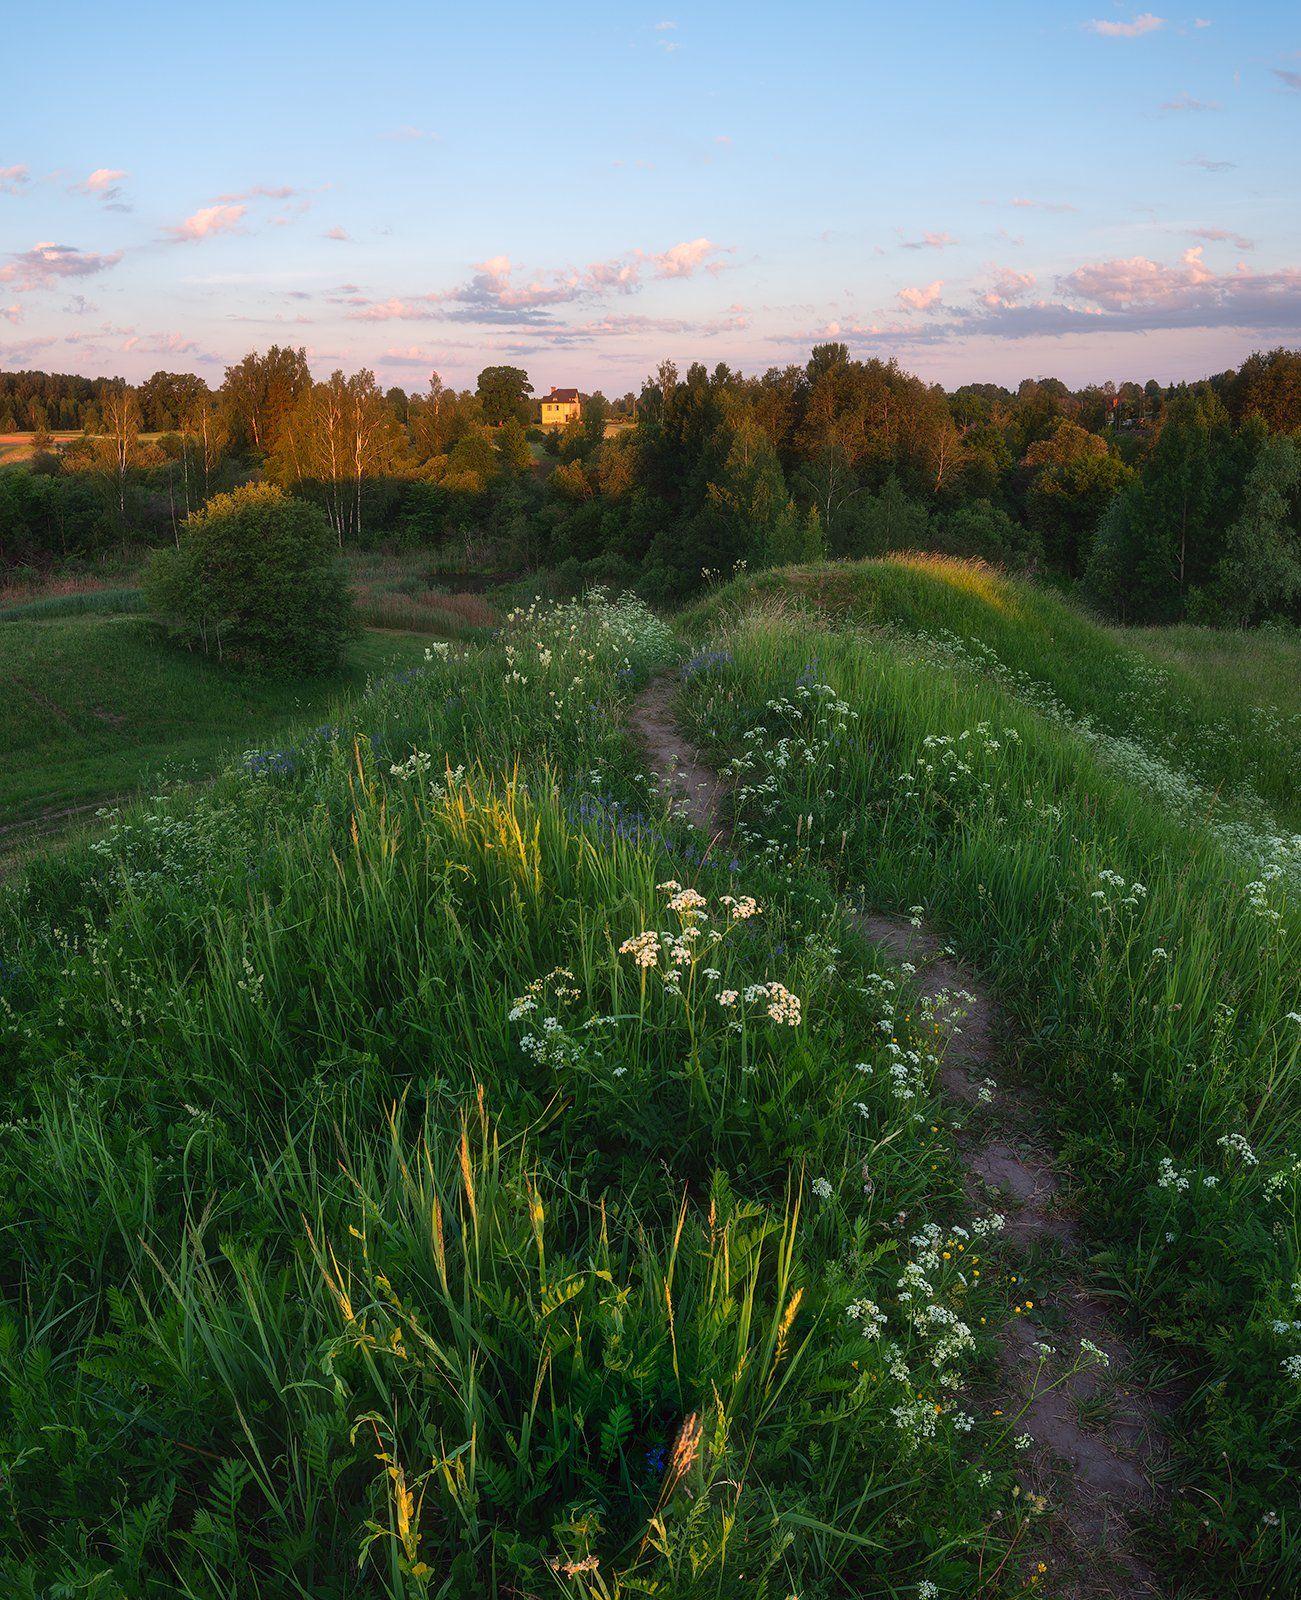 пейзаж, поле, утро, лето, зелень, трава, рассвет, Алексей Мельситов